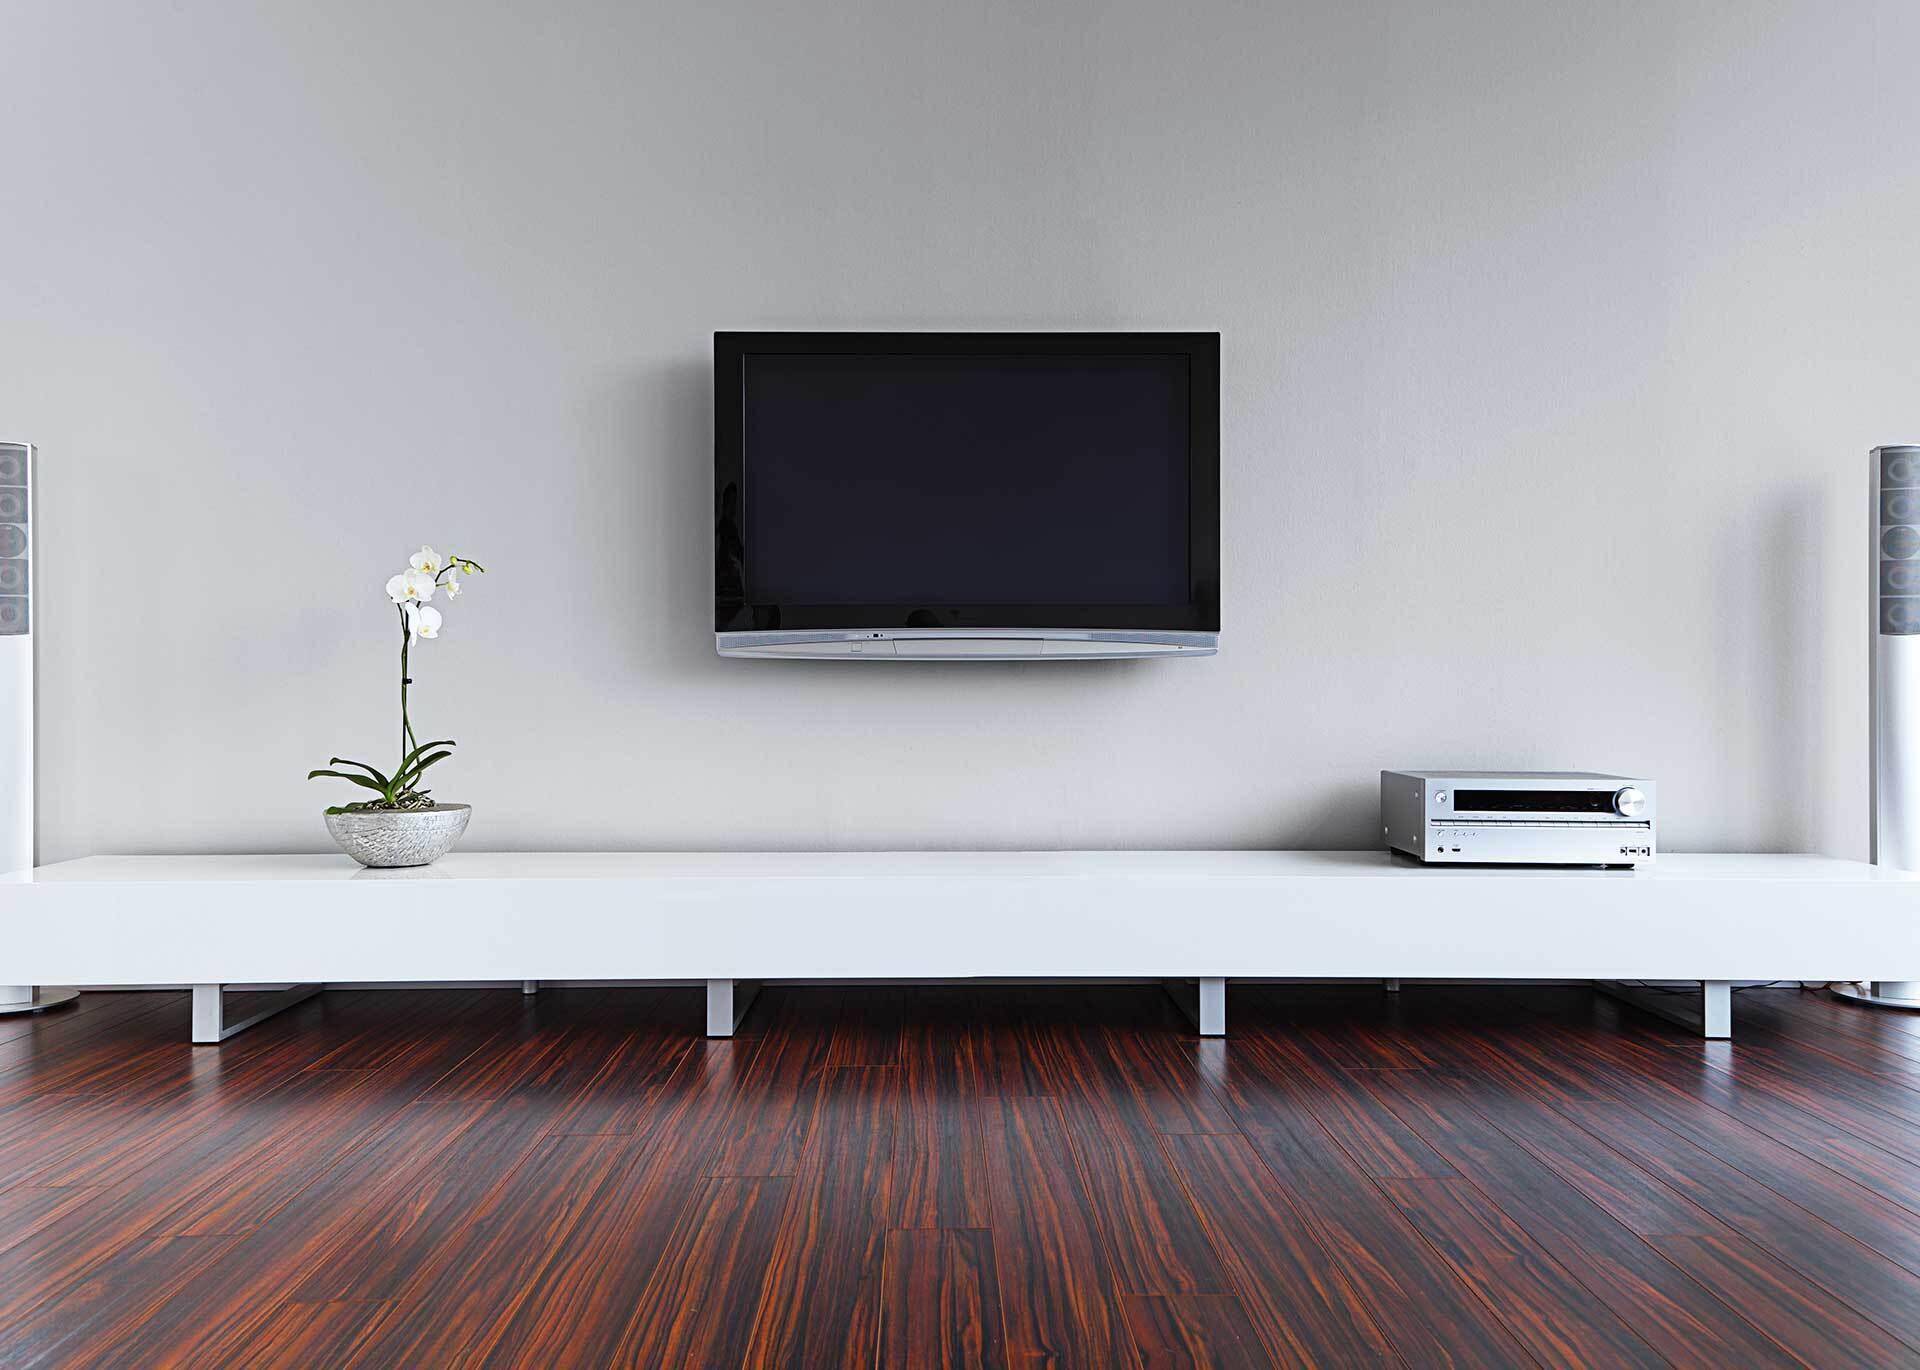 Jak wysłać telewizor kurierem?